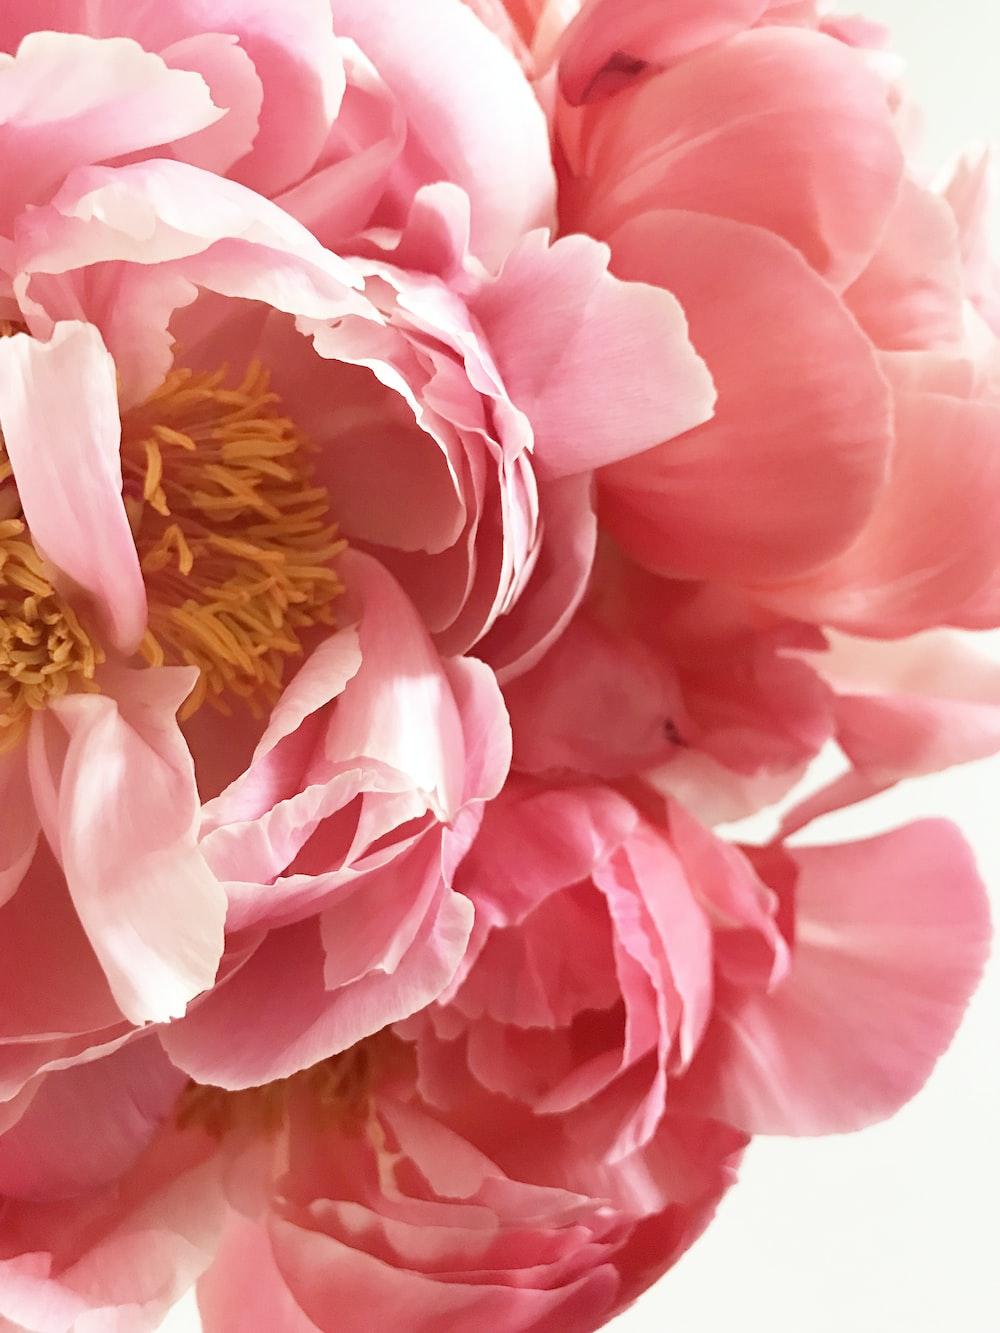 pink clustered-petal flower